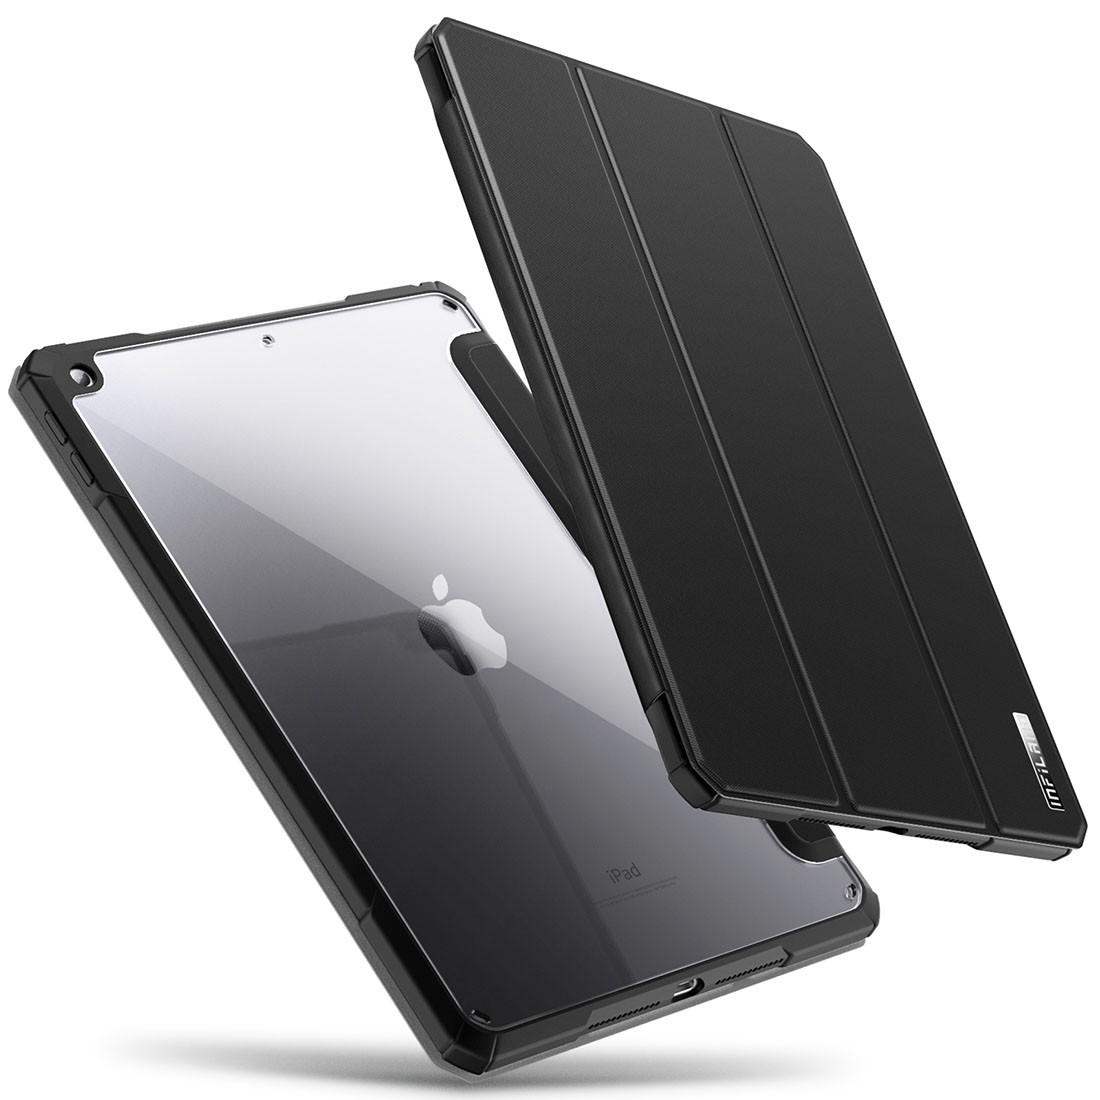 Capa Premium Crystal Series com fino acabamento iPad 8 10.2 pol A2270 A2428